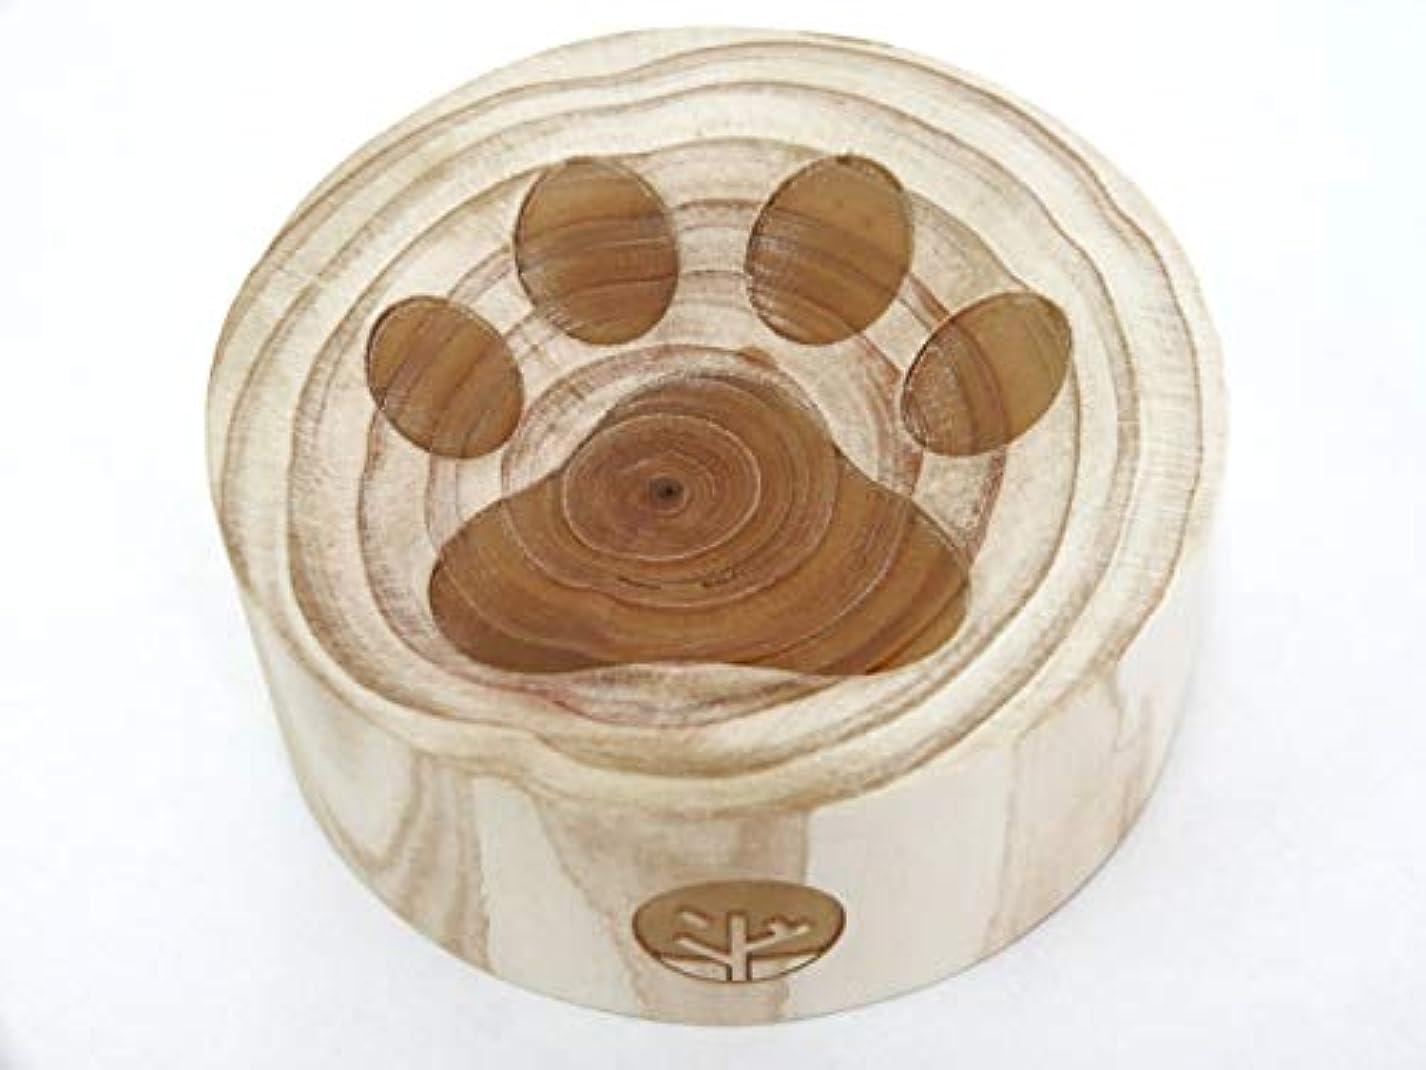 完全に乾く火星願う一郎木創 木製 アロマディッシュ 心持木受香器 肉球 猫 桧 TL-97-5